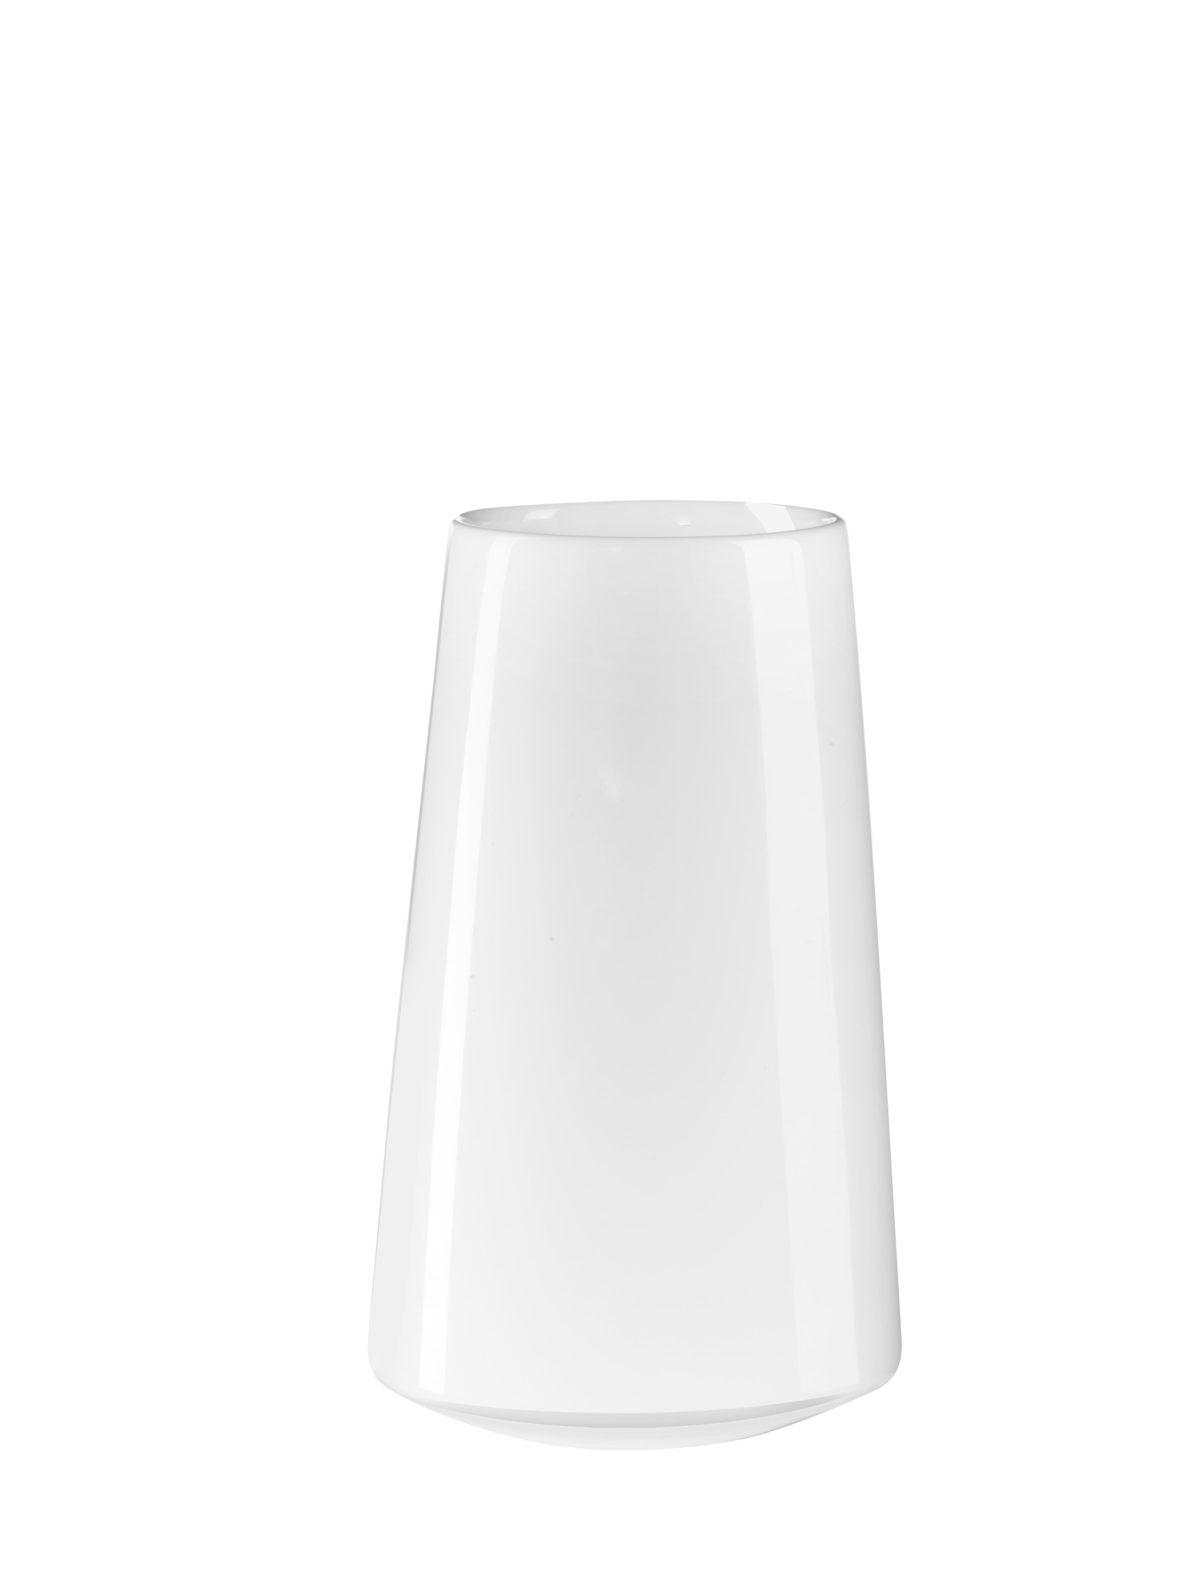 9308005 1200x1577 - Vază Float (9308005)